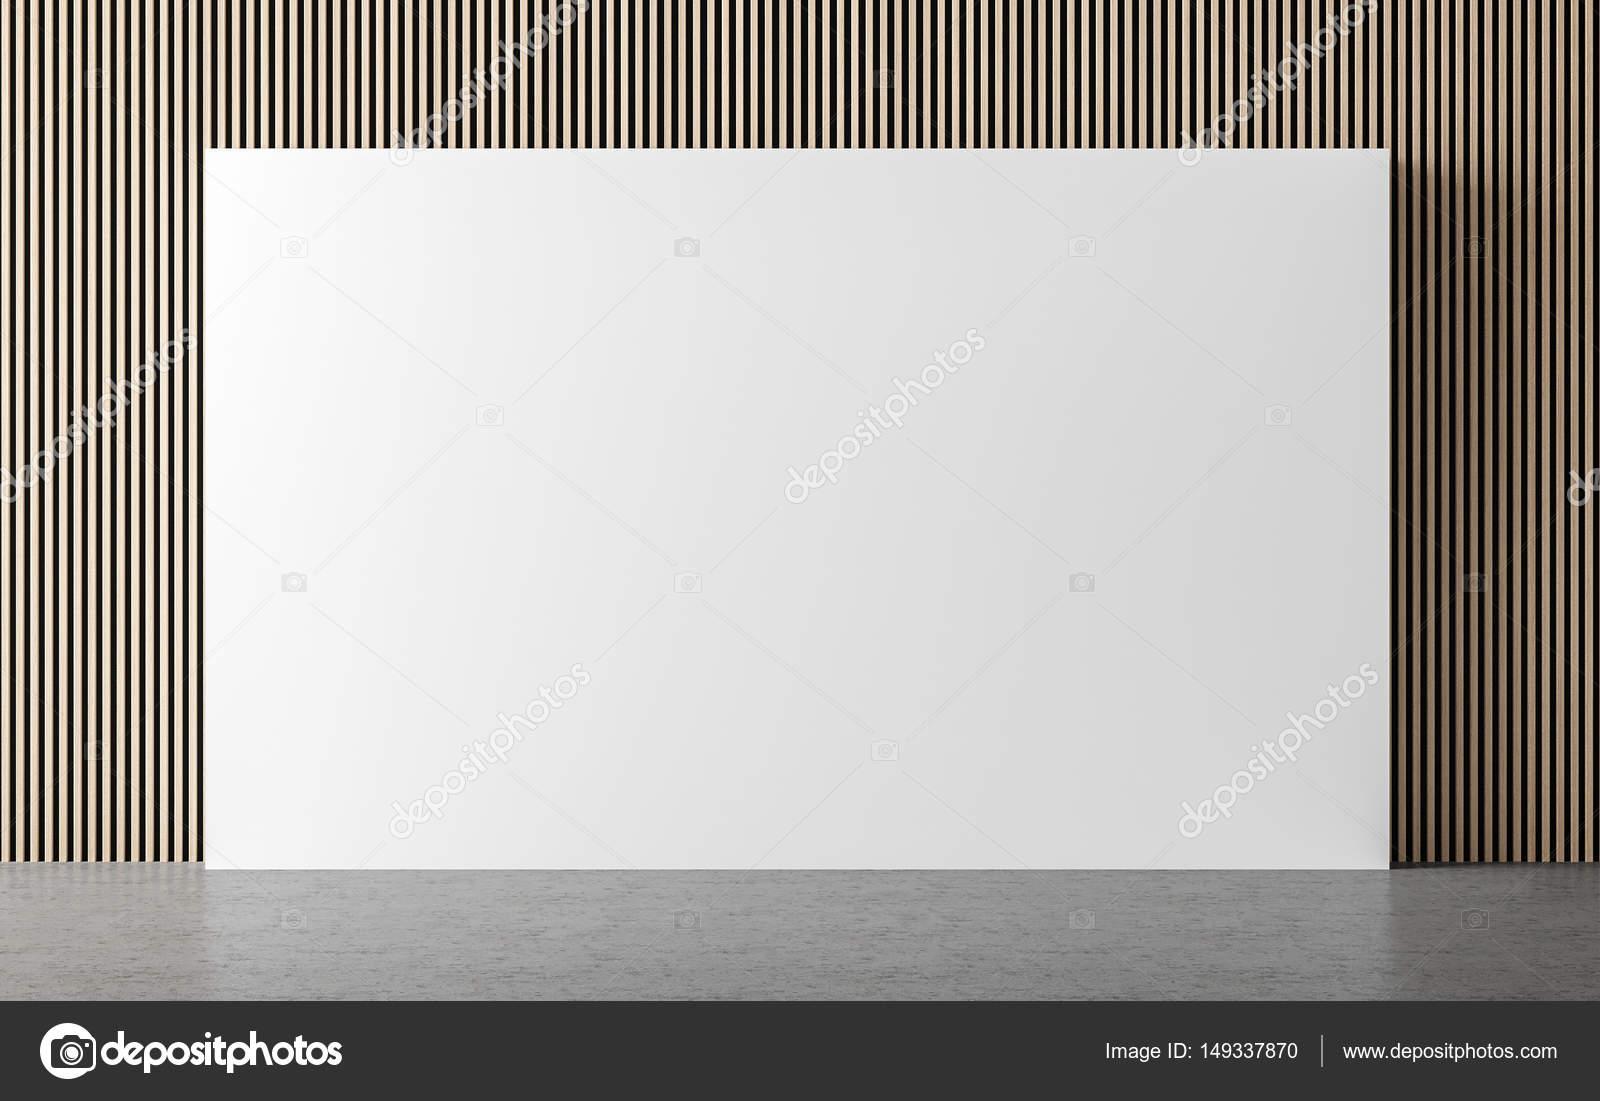 Moderne lege kamer interieur d rendering afbeelding u stockfoto